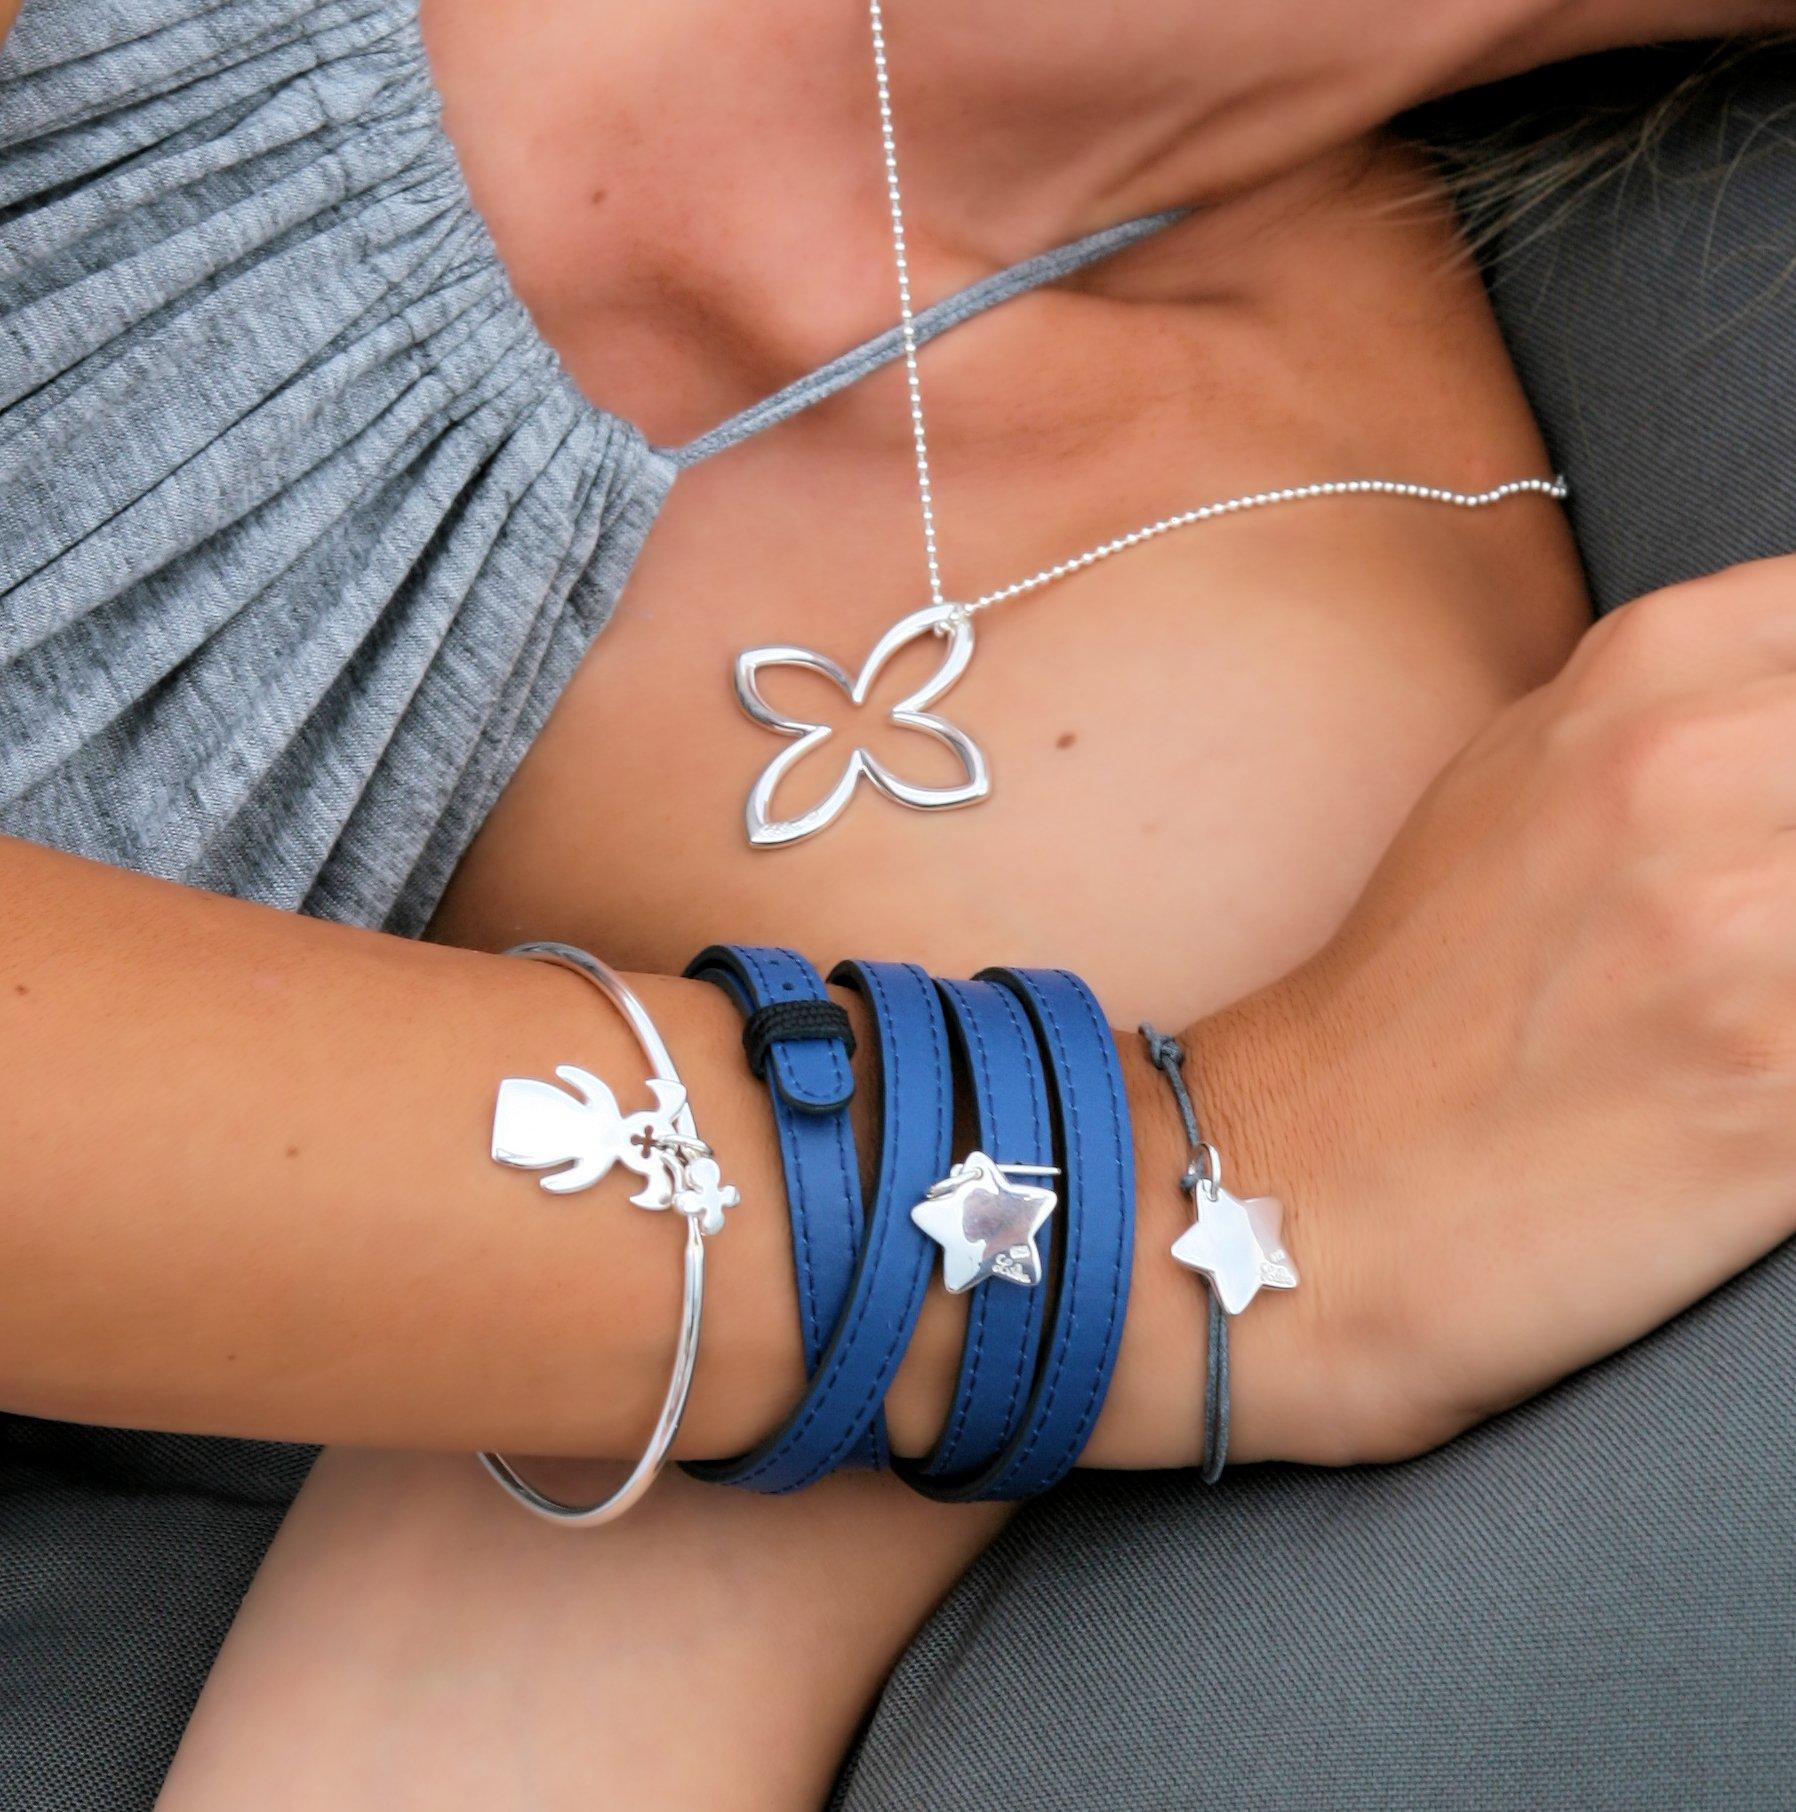 LIilou bracelet 4 tours cuir bleu reversible noir etoile argent 60 euros bracelet cordon gris pendentif etoile argent